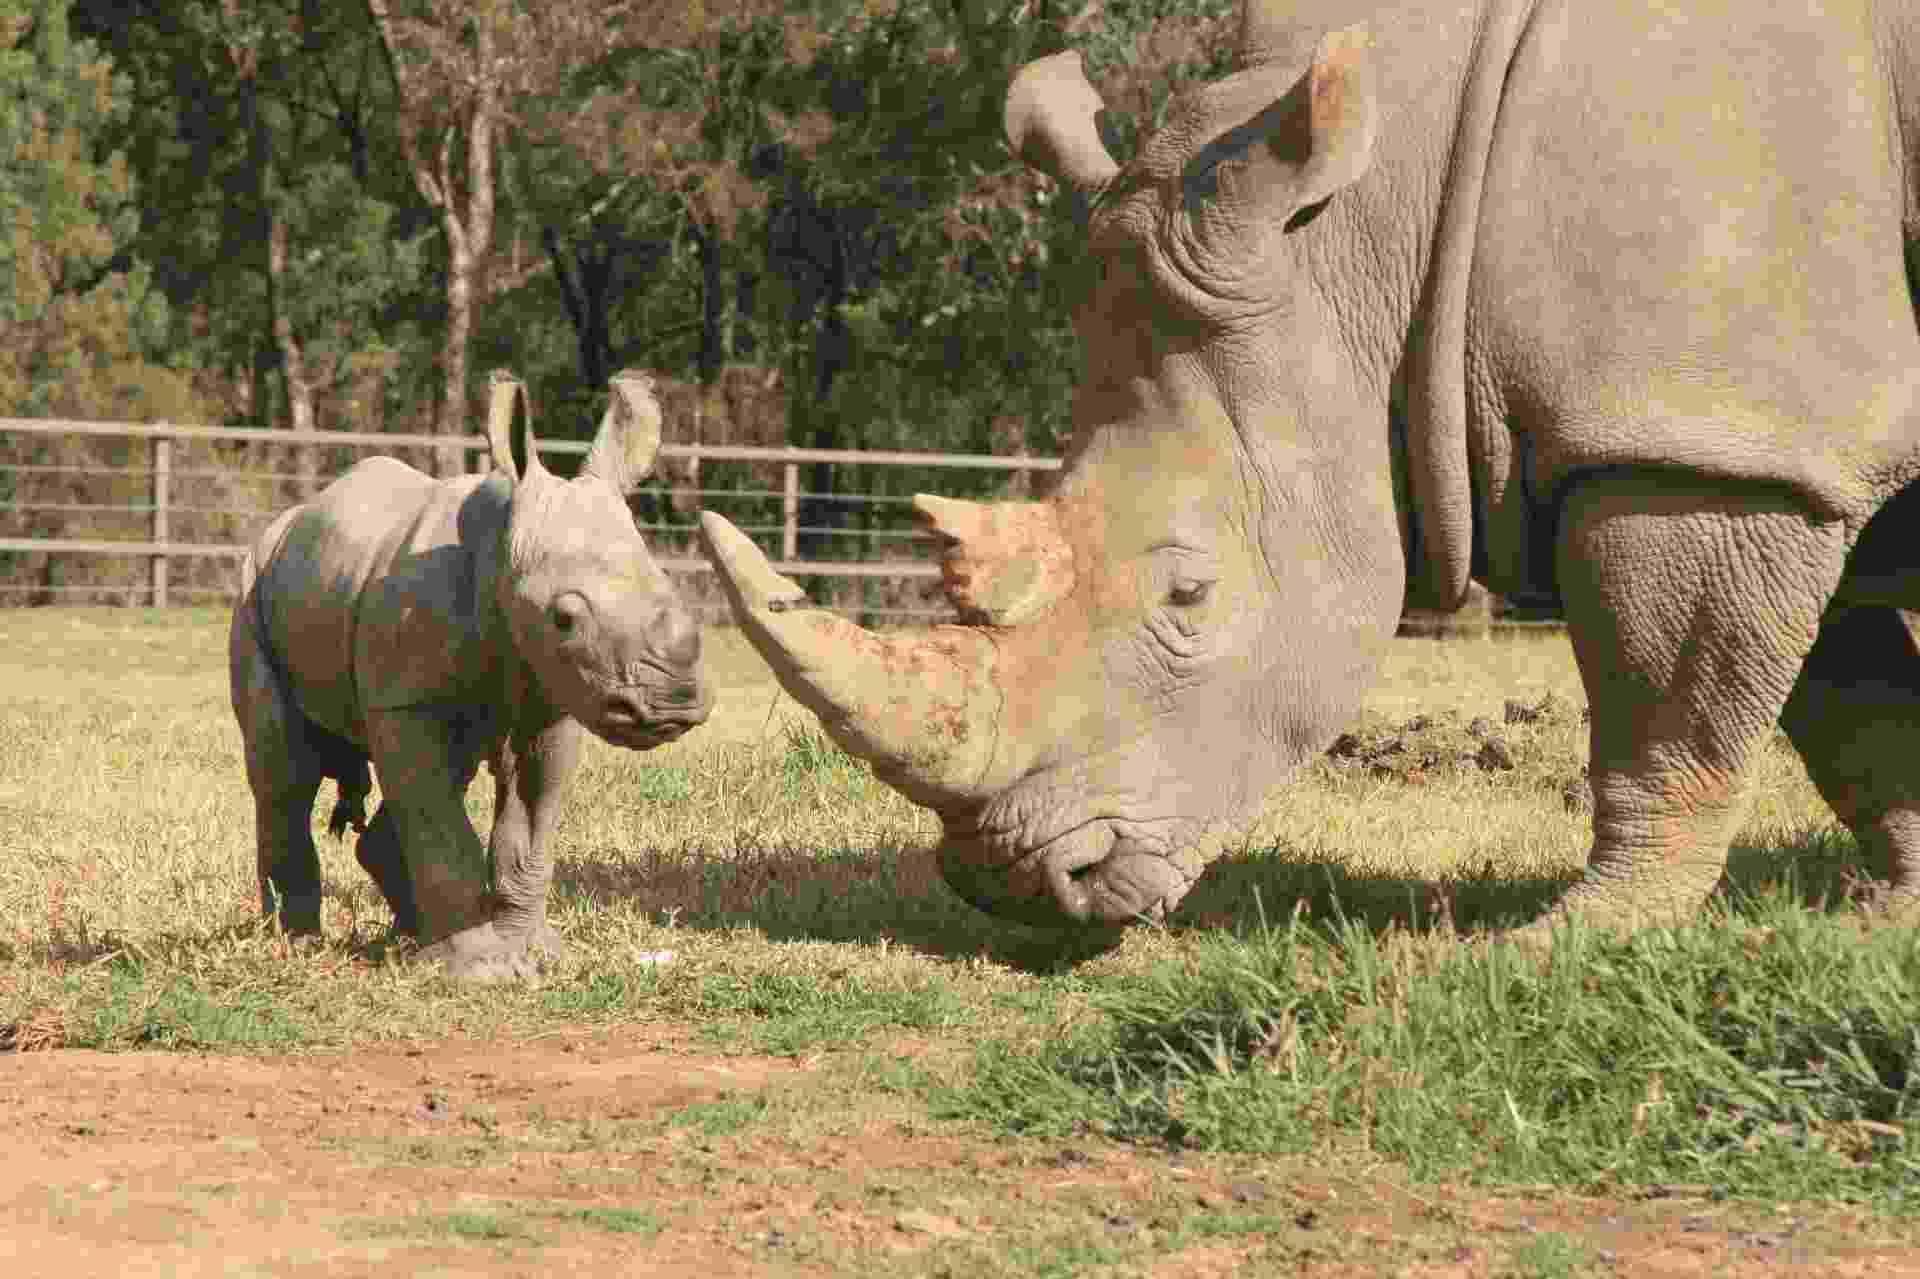 21.mai.2013 - A fêmea Mopani deu à luz um filhote macho saudável no zoológico de Taronga Western Plains, na cidade australiana de Dubbo, a 400 quilômetros de Sydney, no último dia 14 de maio. A mãe contraiu uma doença desconhecida que, no último ano, matou outros quatro rinocerontes brancos no centro. A espécie, que desde 2006 não é encontrada em estado selvagem, é ameaçada de extinção devido ao tráfico ilegal de seu chifre - Taronga Zoo/Reuters